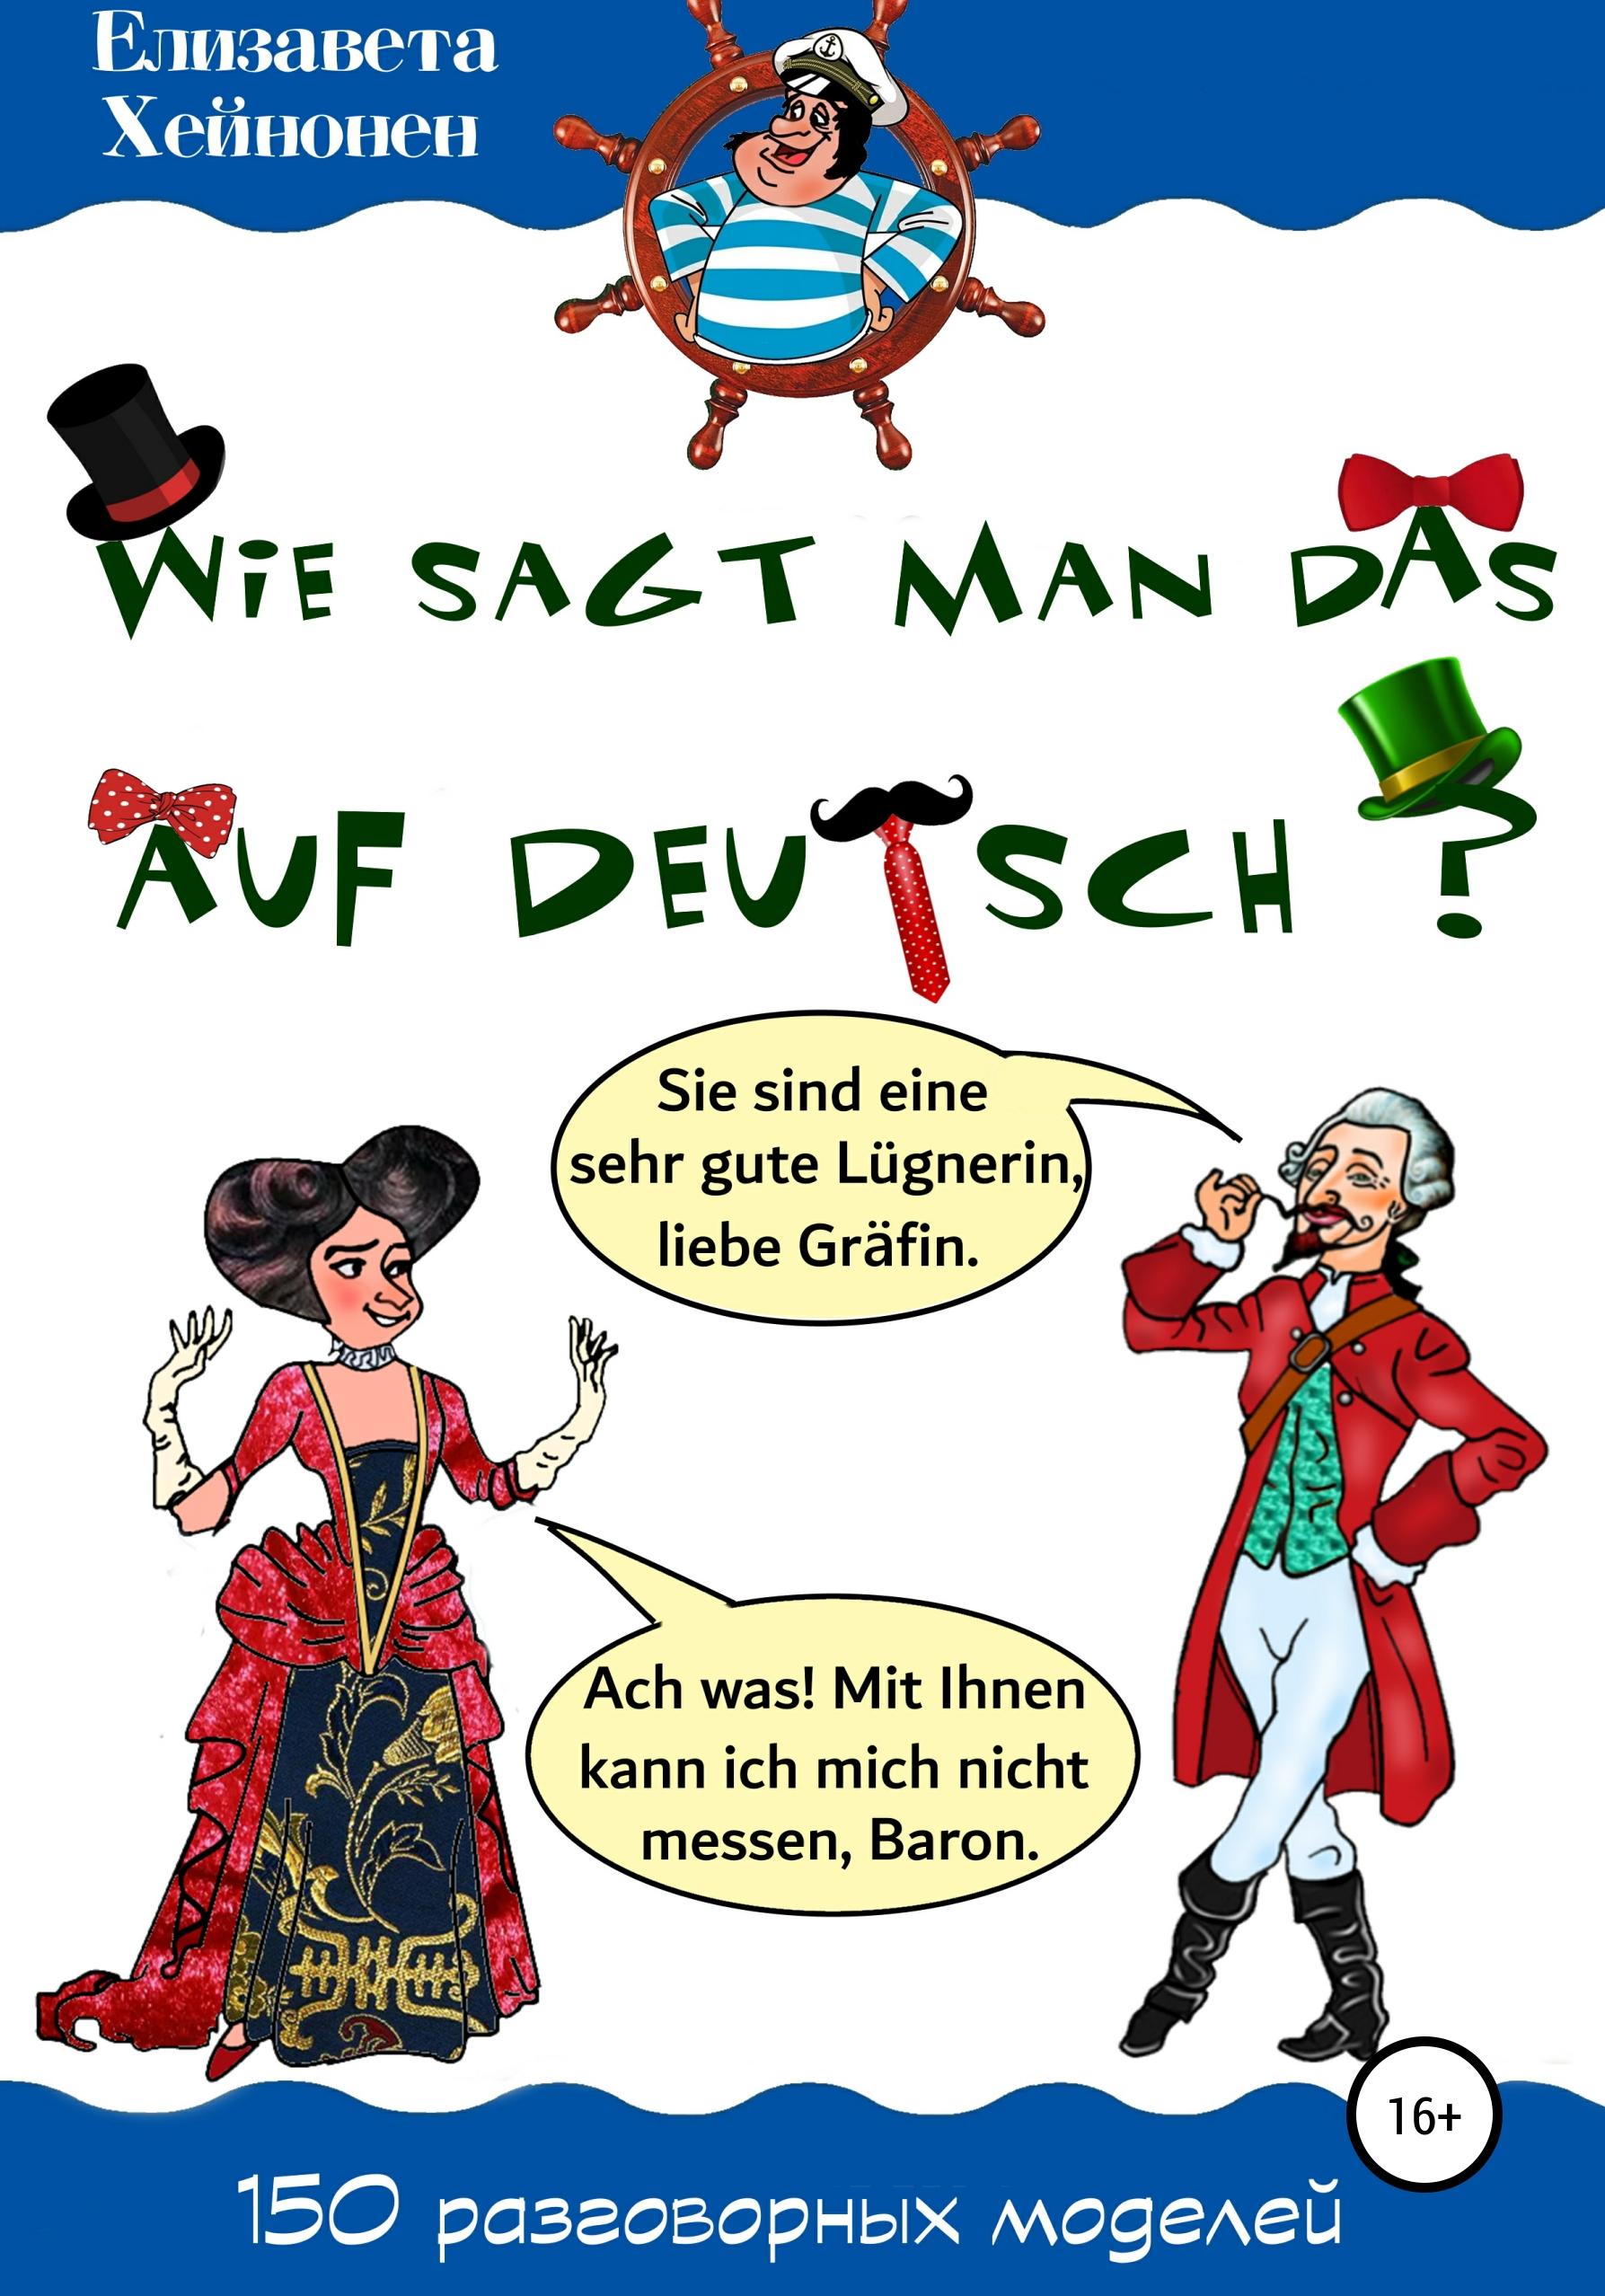 Купить книгу Wie sagt man das auf Deutsch?, автора Елизаветы Хейнонен